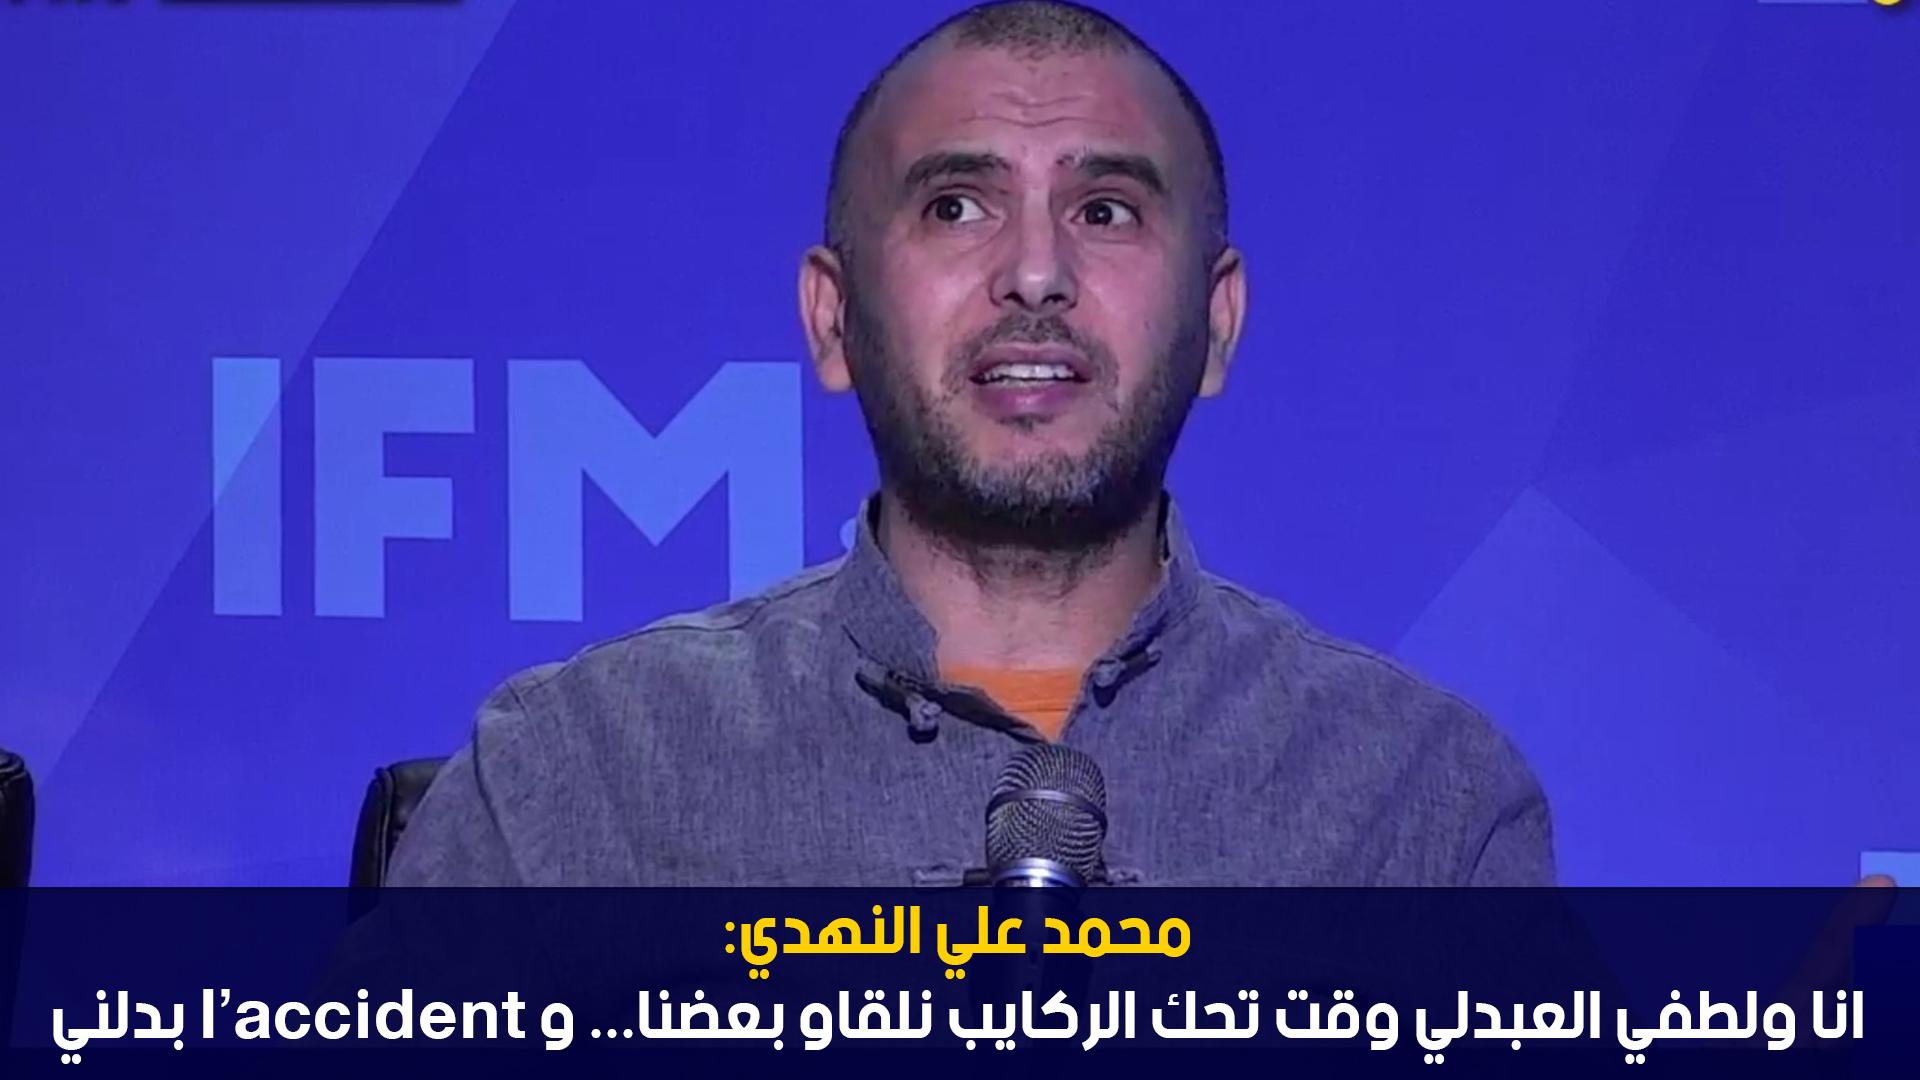 محمد علي النهدي: انا ولطفي العبدلي وقت تحك الركايب نلقاو بعضنا... و l'accident بدلني